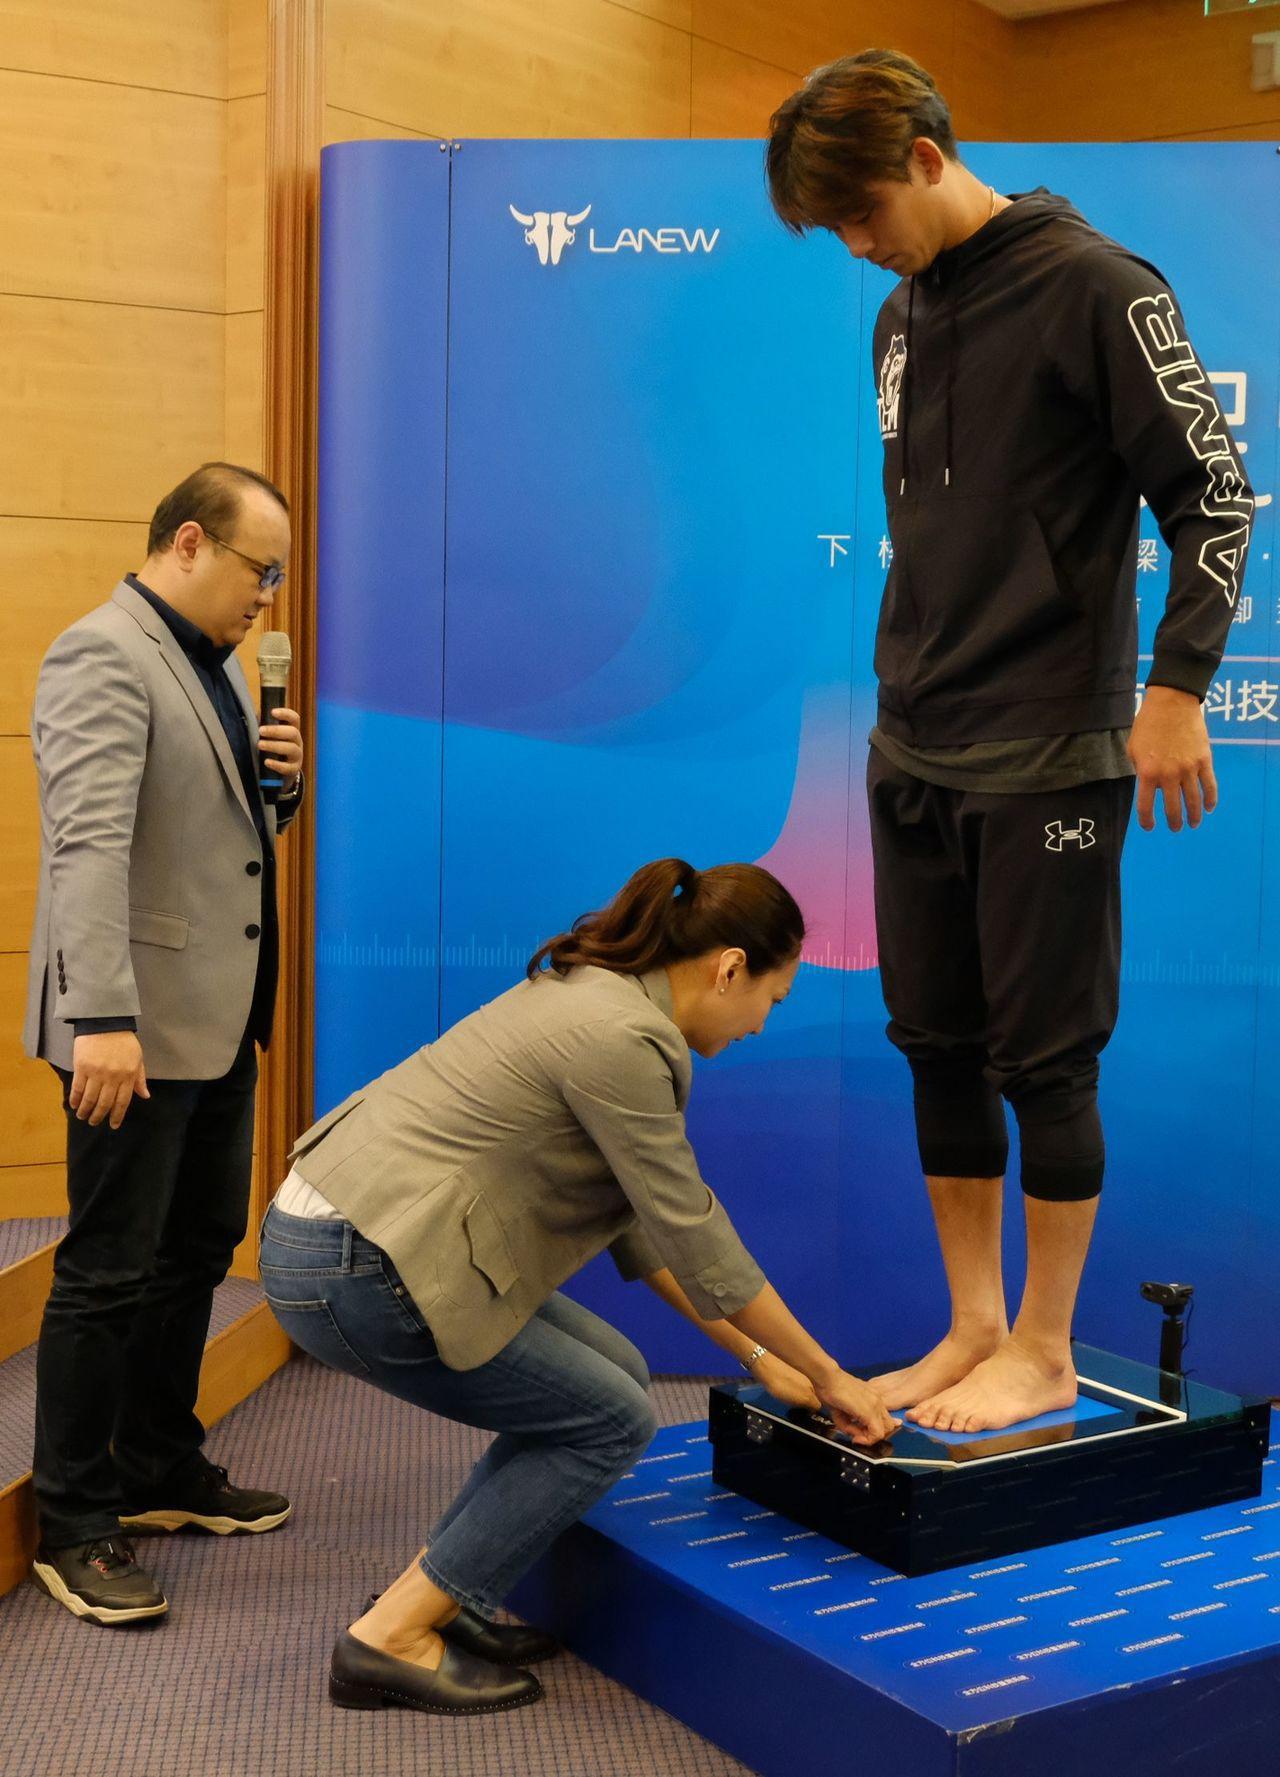 鞋業品牌LA NEW與聯新國際醫院,首創運動醫學與鞋業創新服務,今天簽訂策略聯盟...